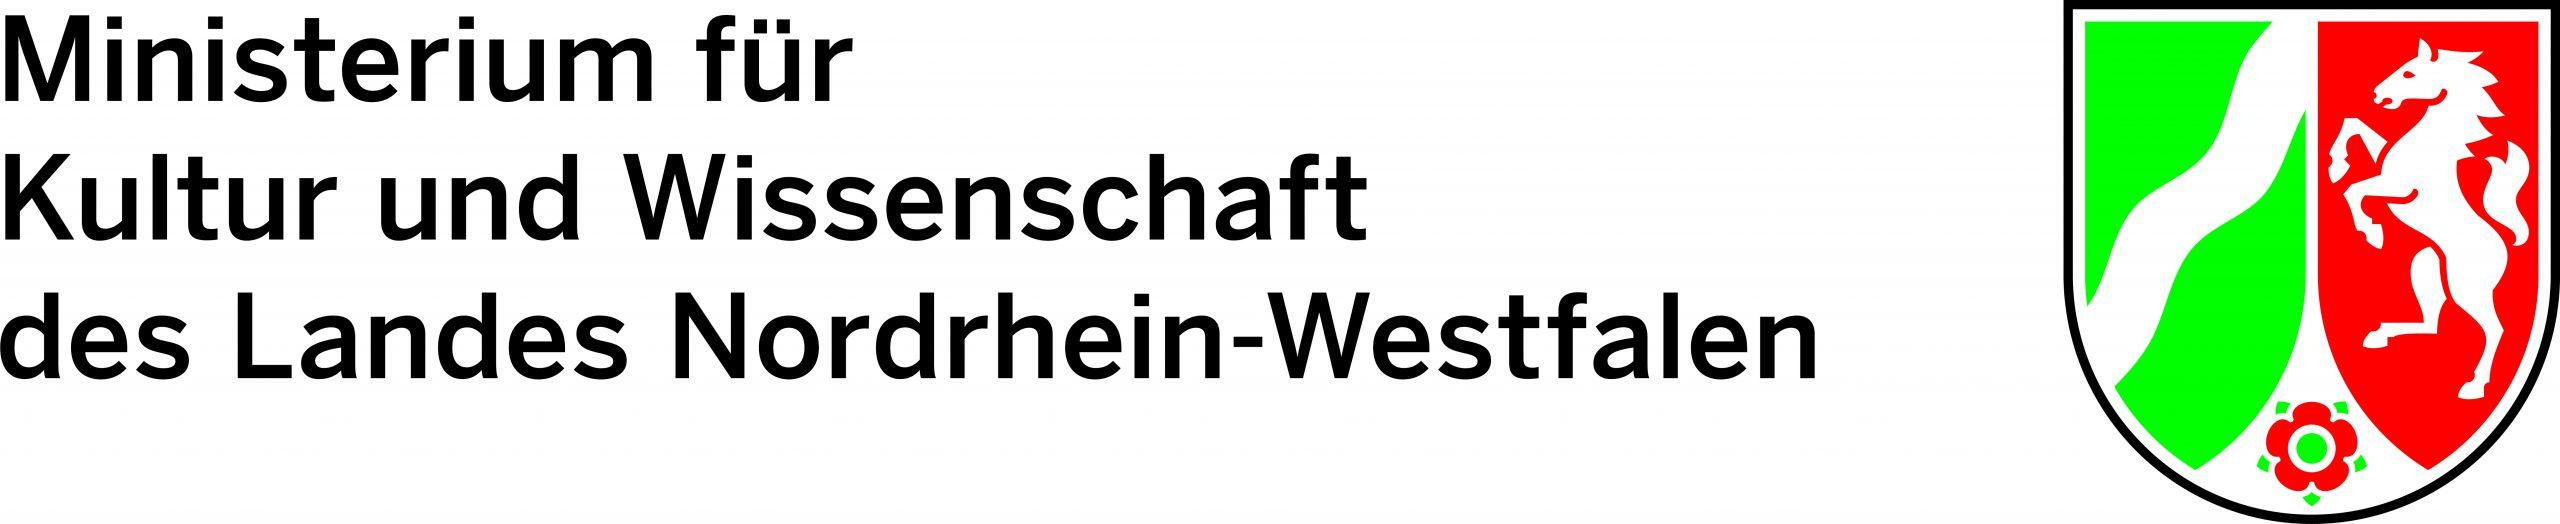 AK_Kultur_und_Wissenschaft_Farbig_CMYK